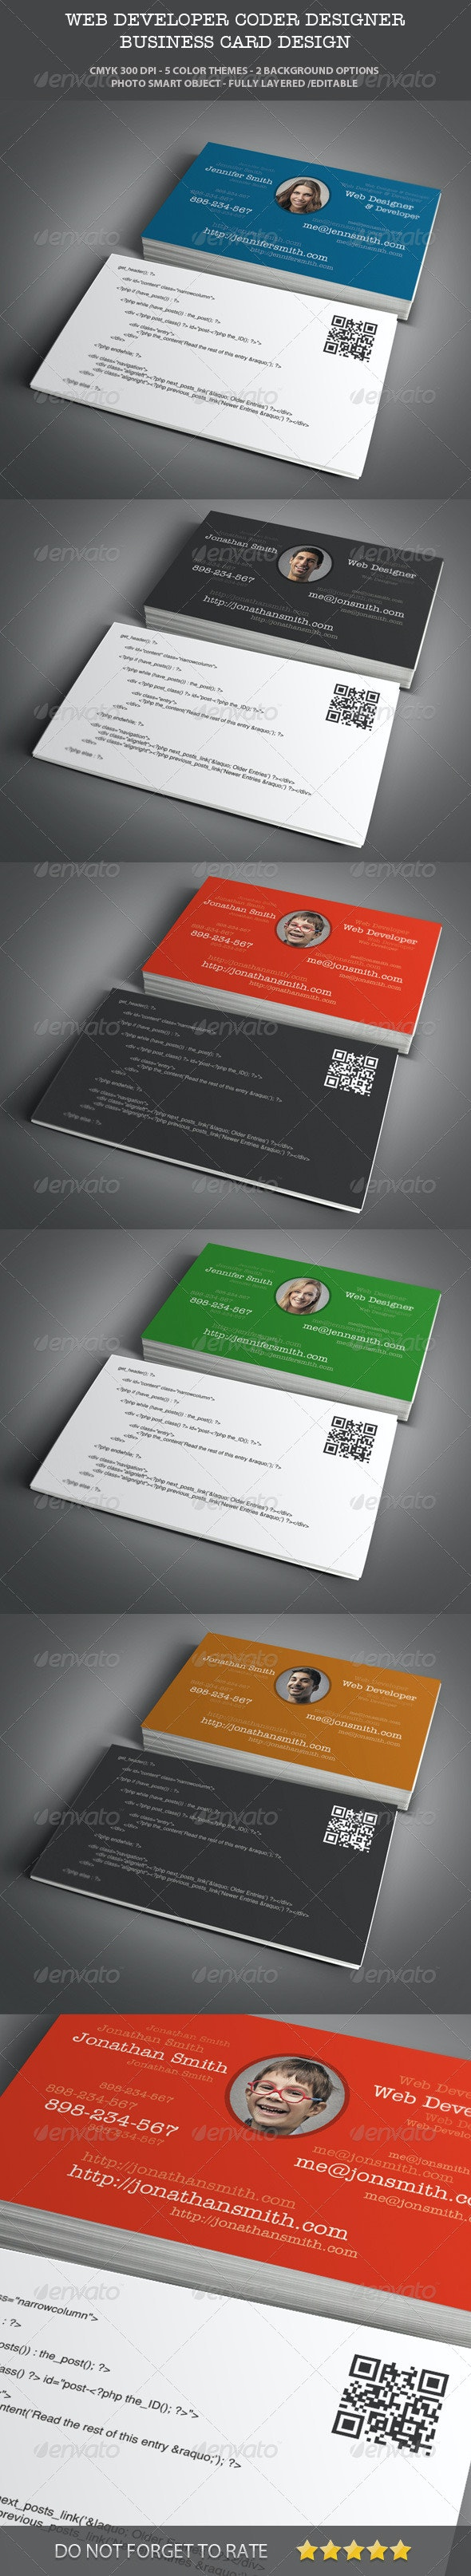 Web Designer & Developer Business Card Design - Industry Specific Business Cards